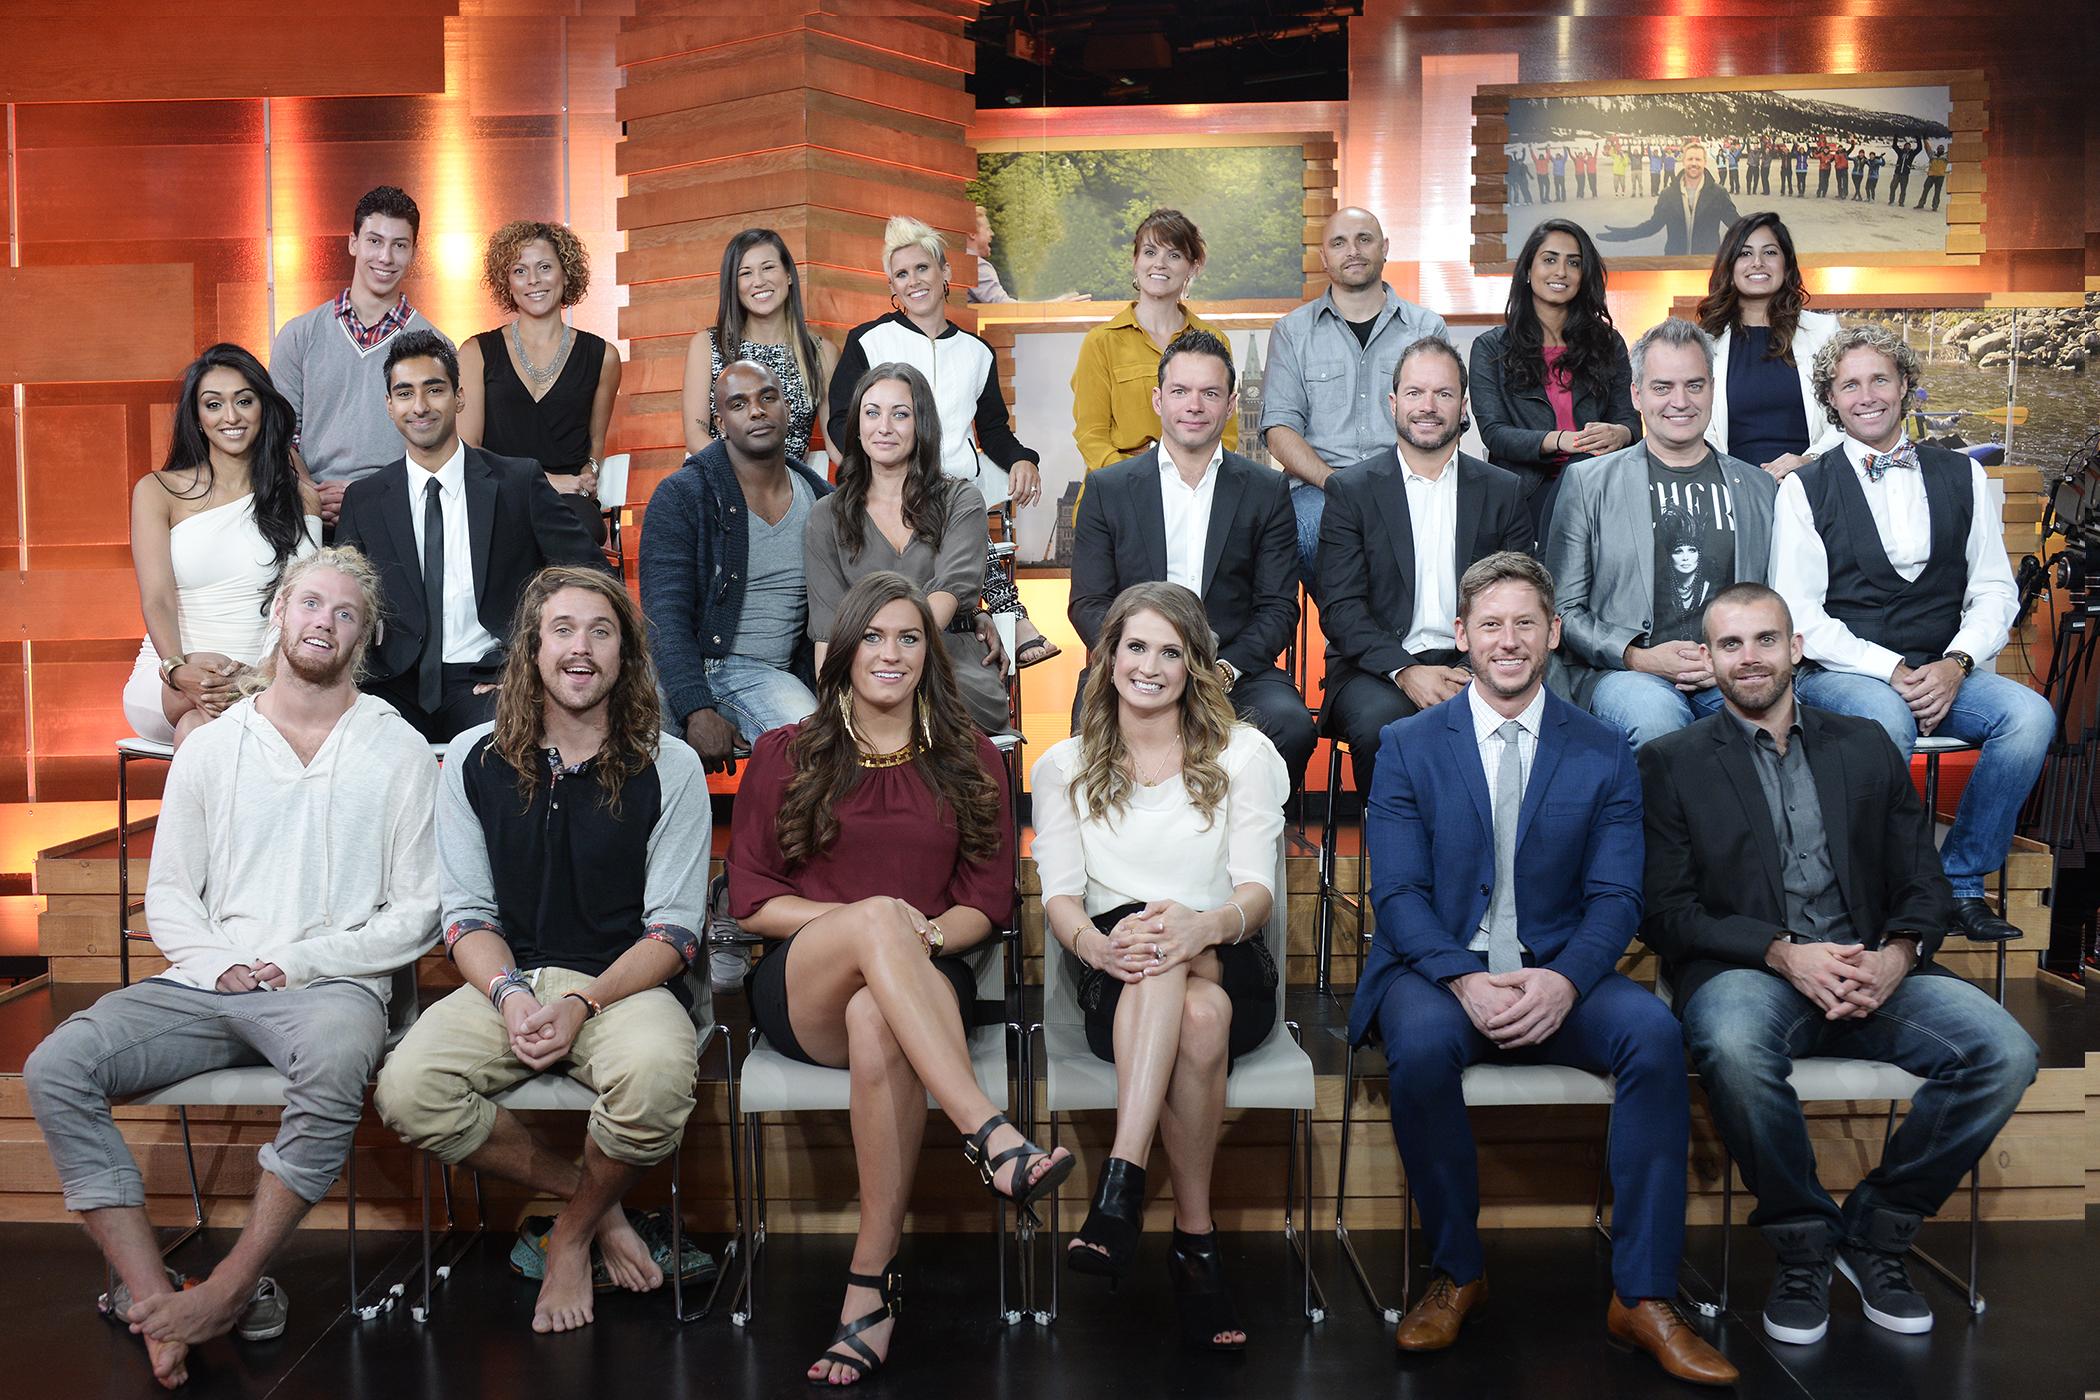 Finale-Cast-Photo